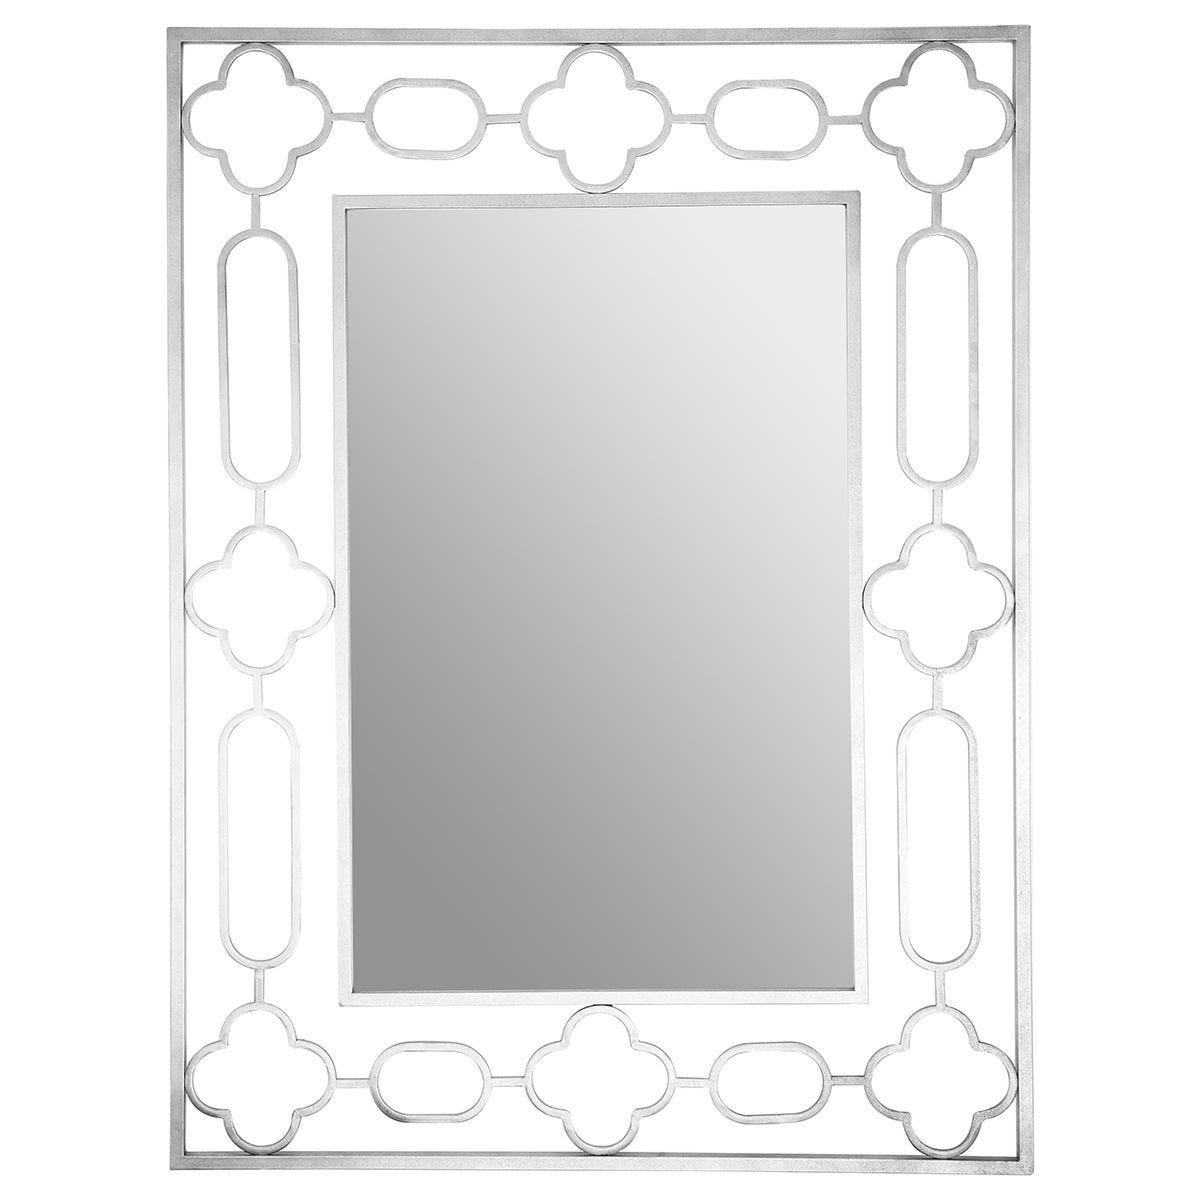 Premier Housewares Merlin Silver Patterned Wall Mirror